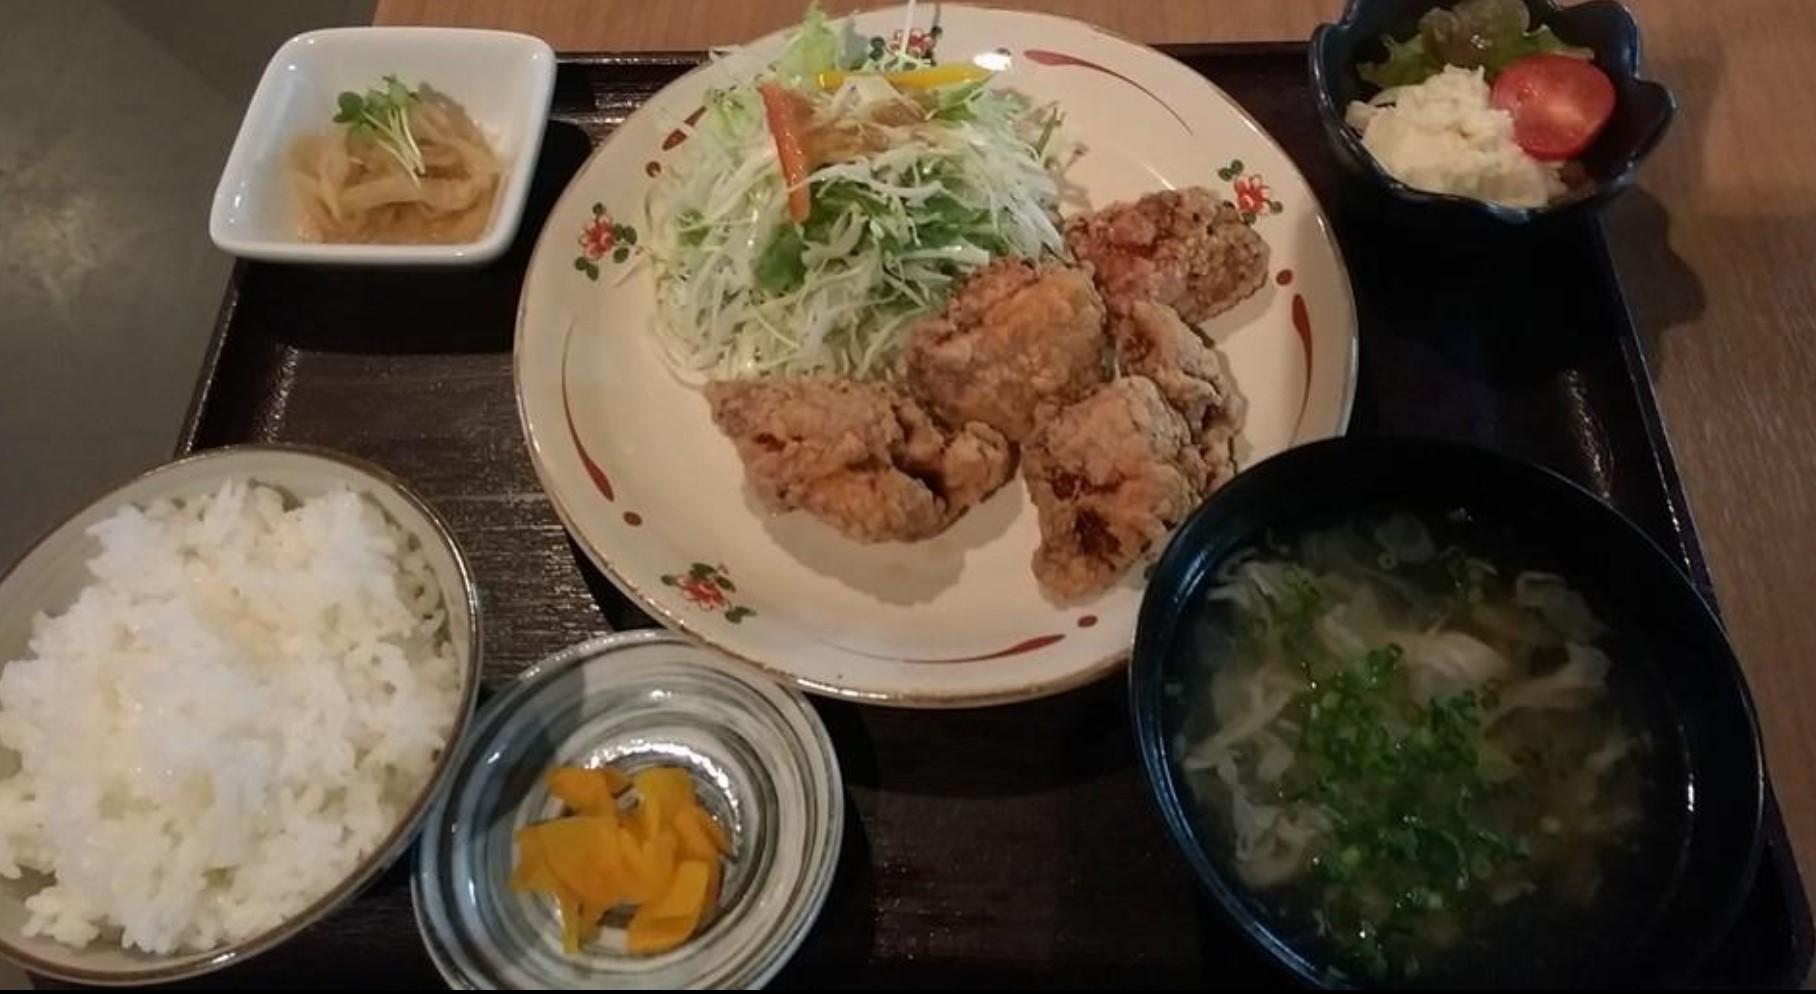 【熊本市北区四方寄町】串ダイニング 笑家のテイクアウト情報!人気ランチ定食がお弁当で登場!